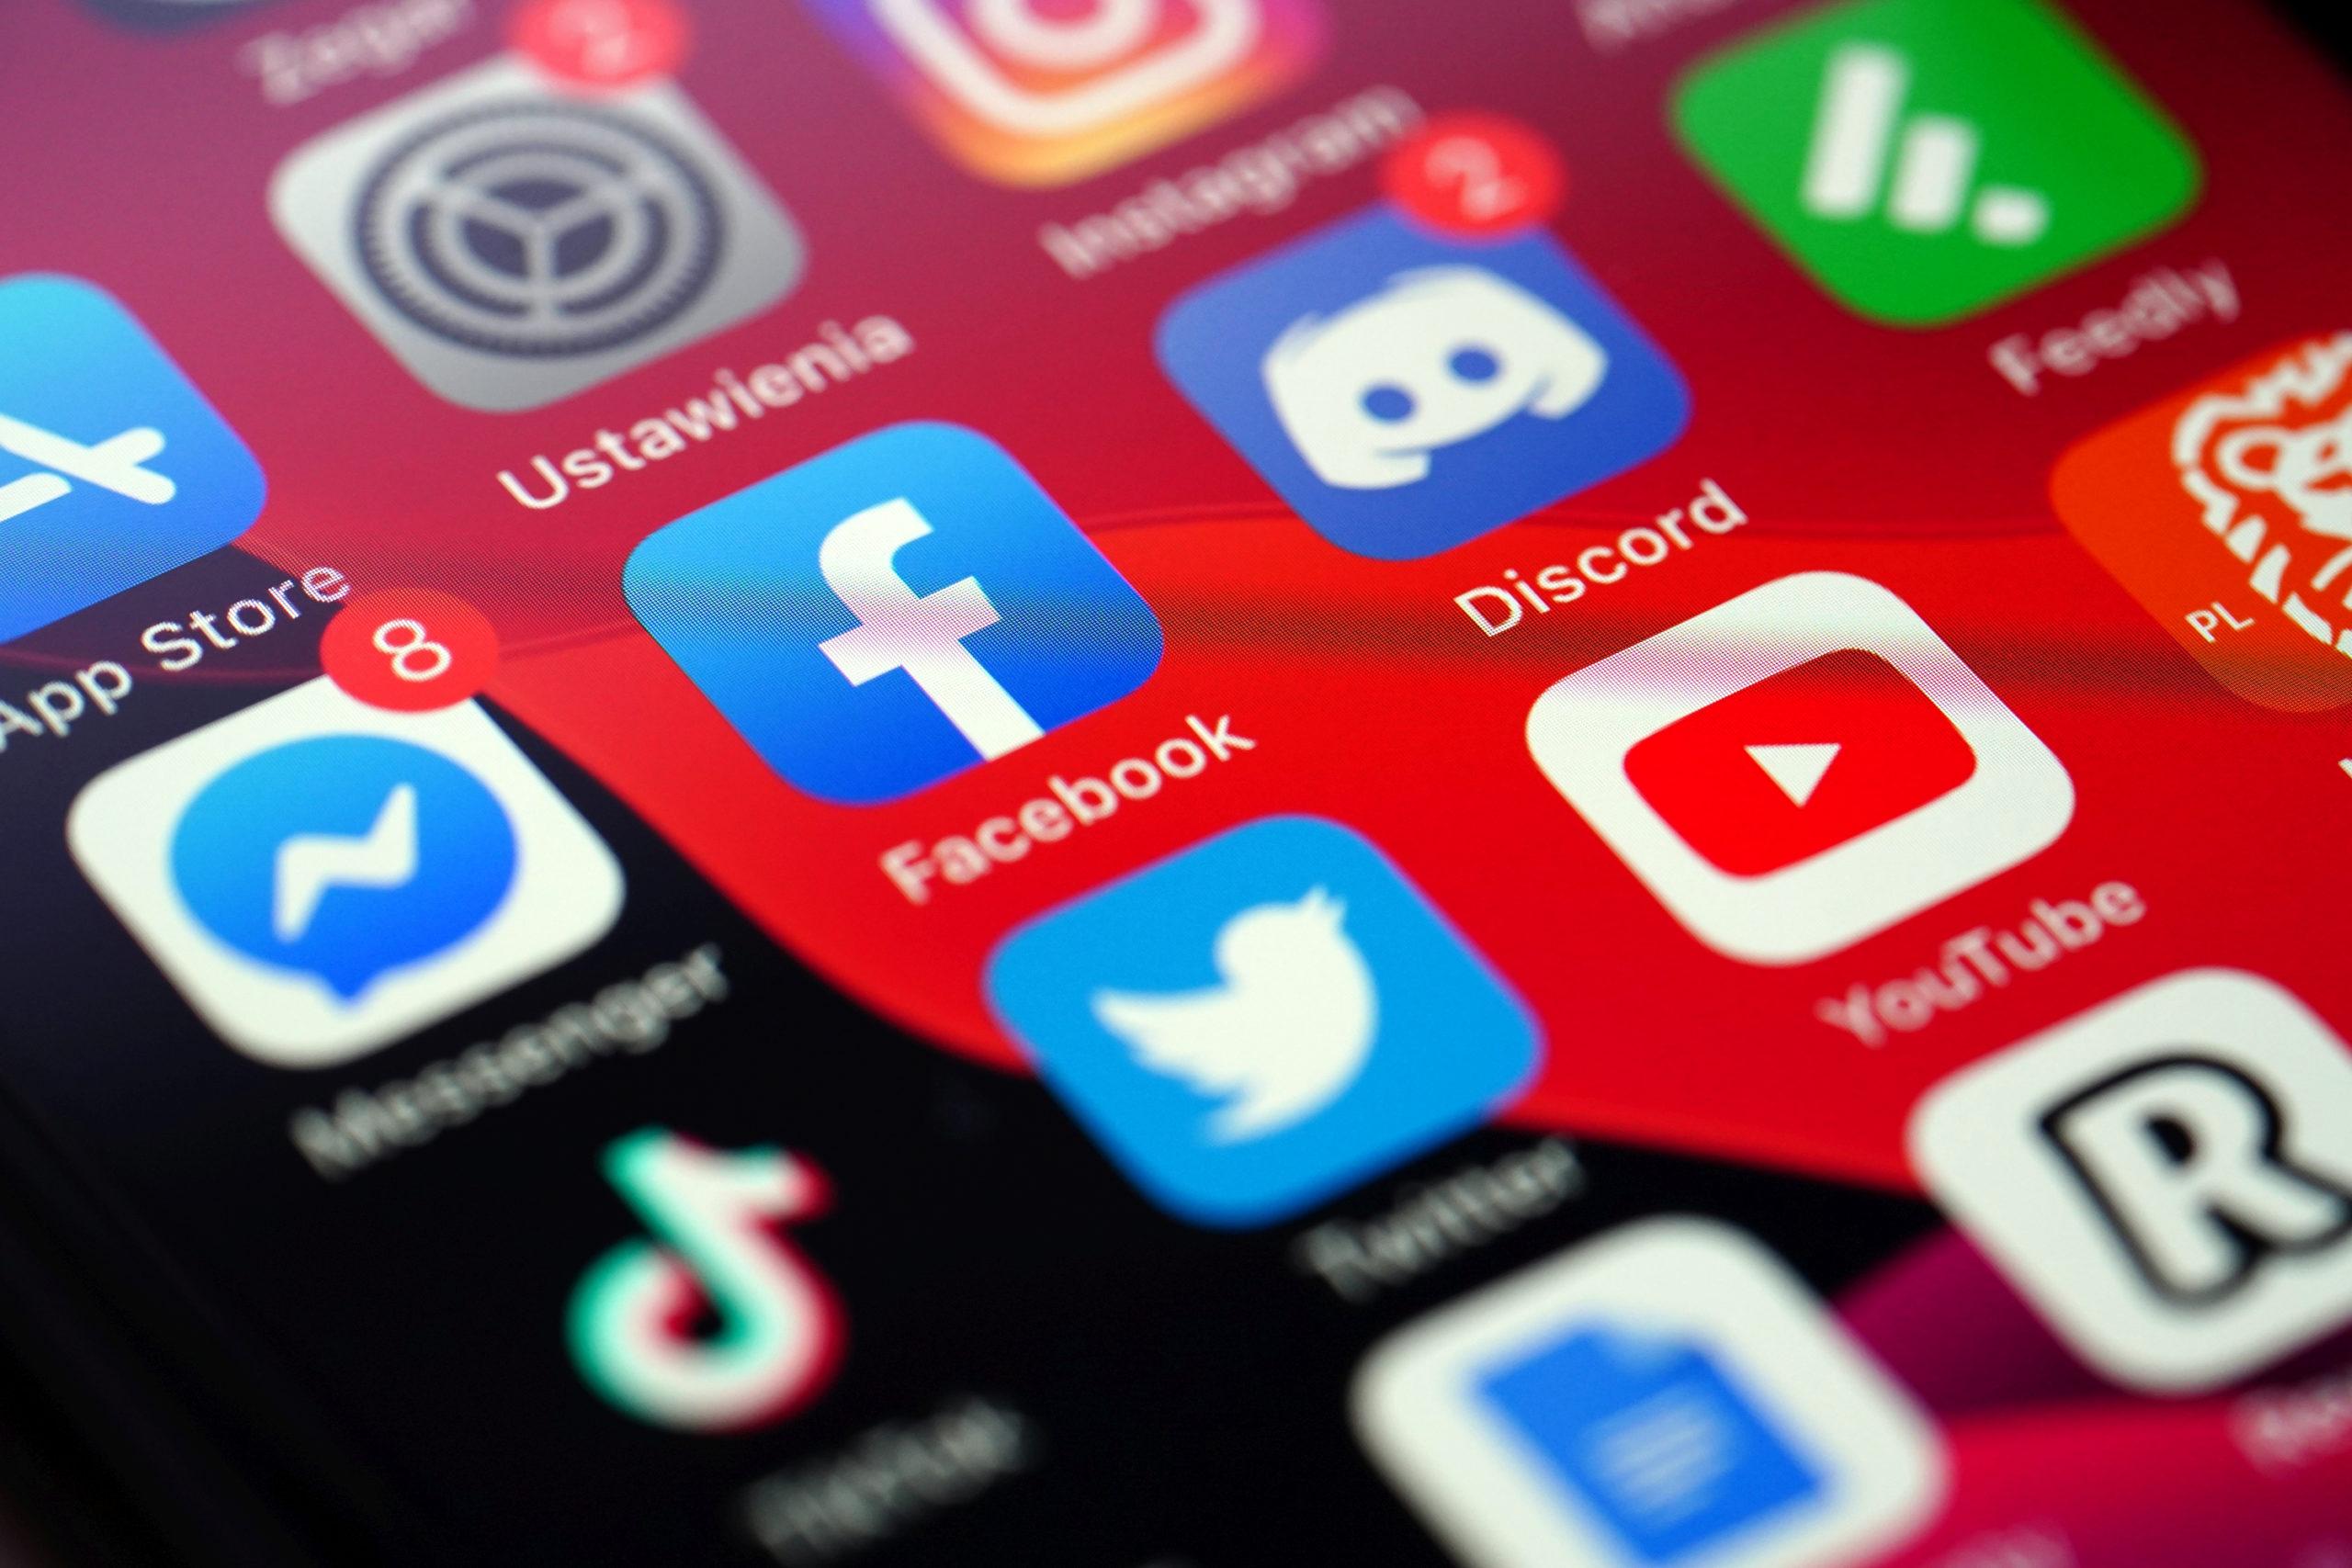 Facebook to jeden z najczęściej spotykanych przykładów preinstalowanego na smartfonach bloatware